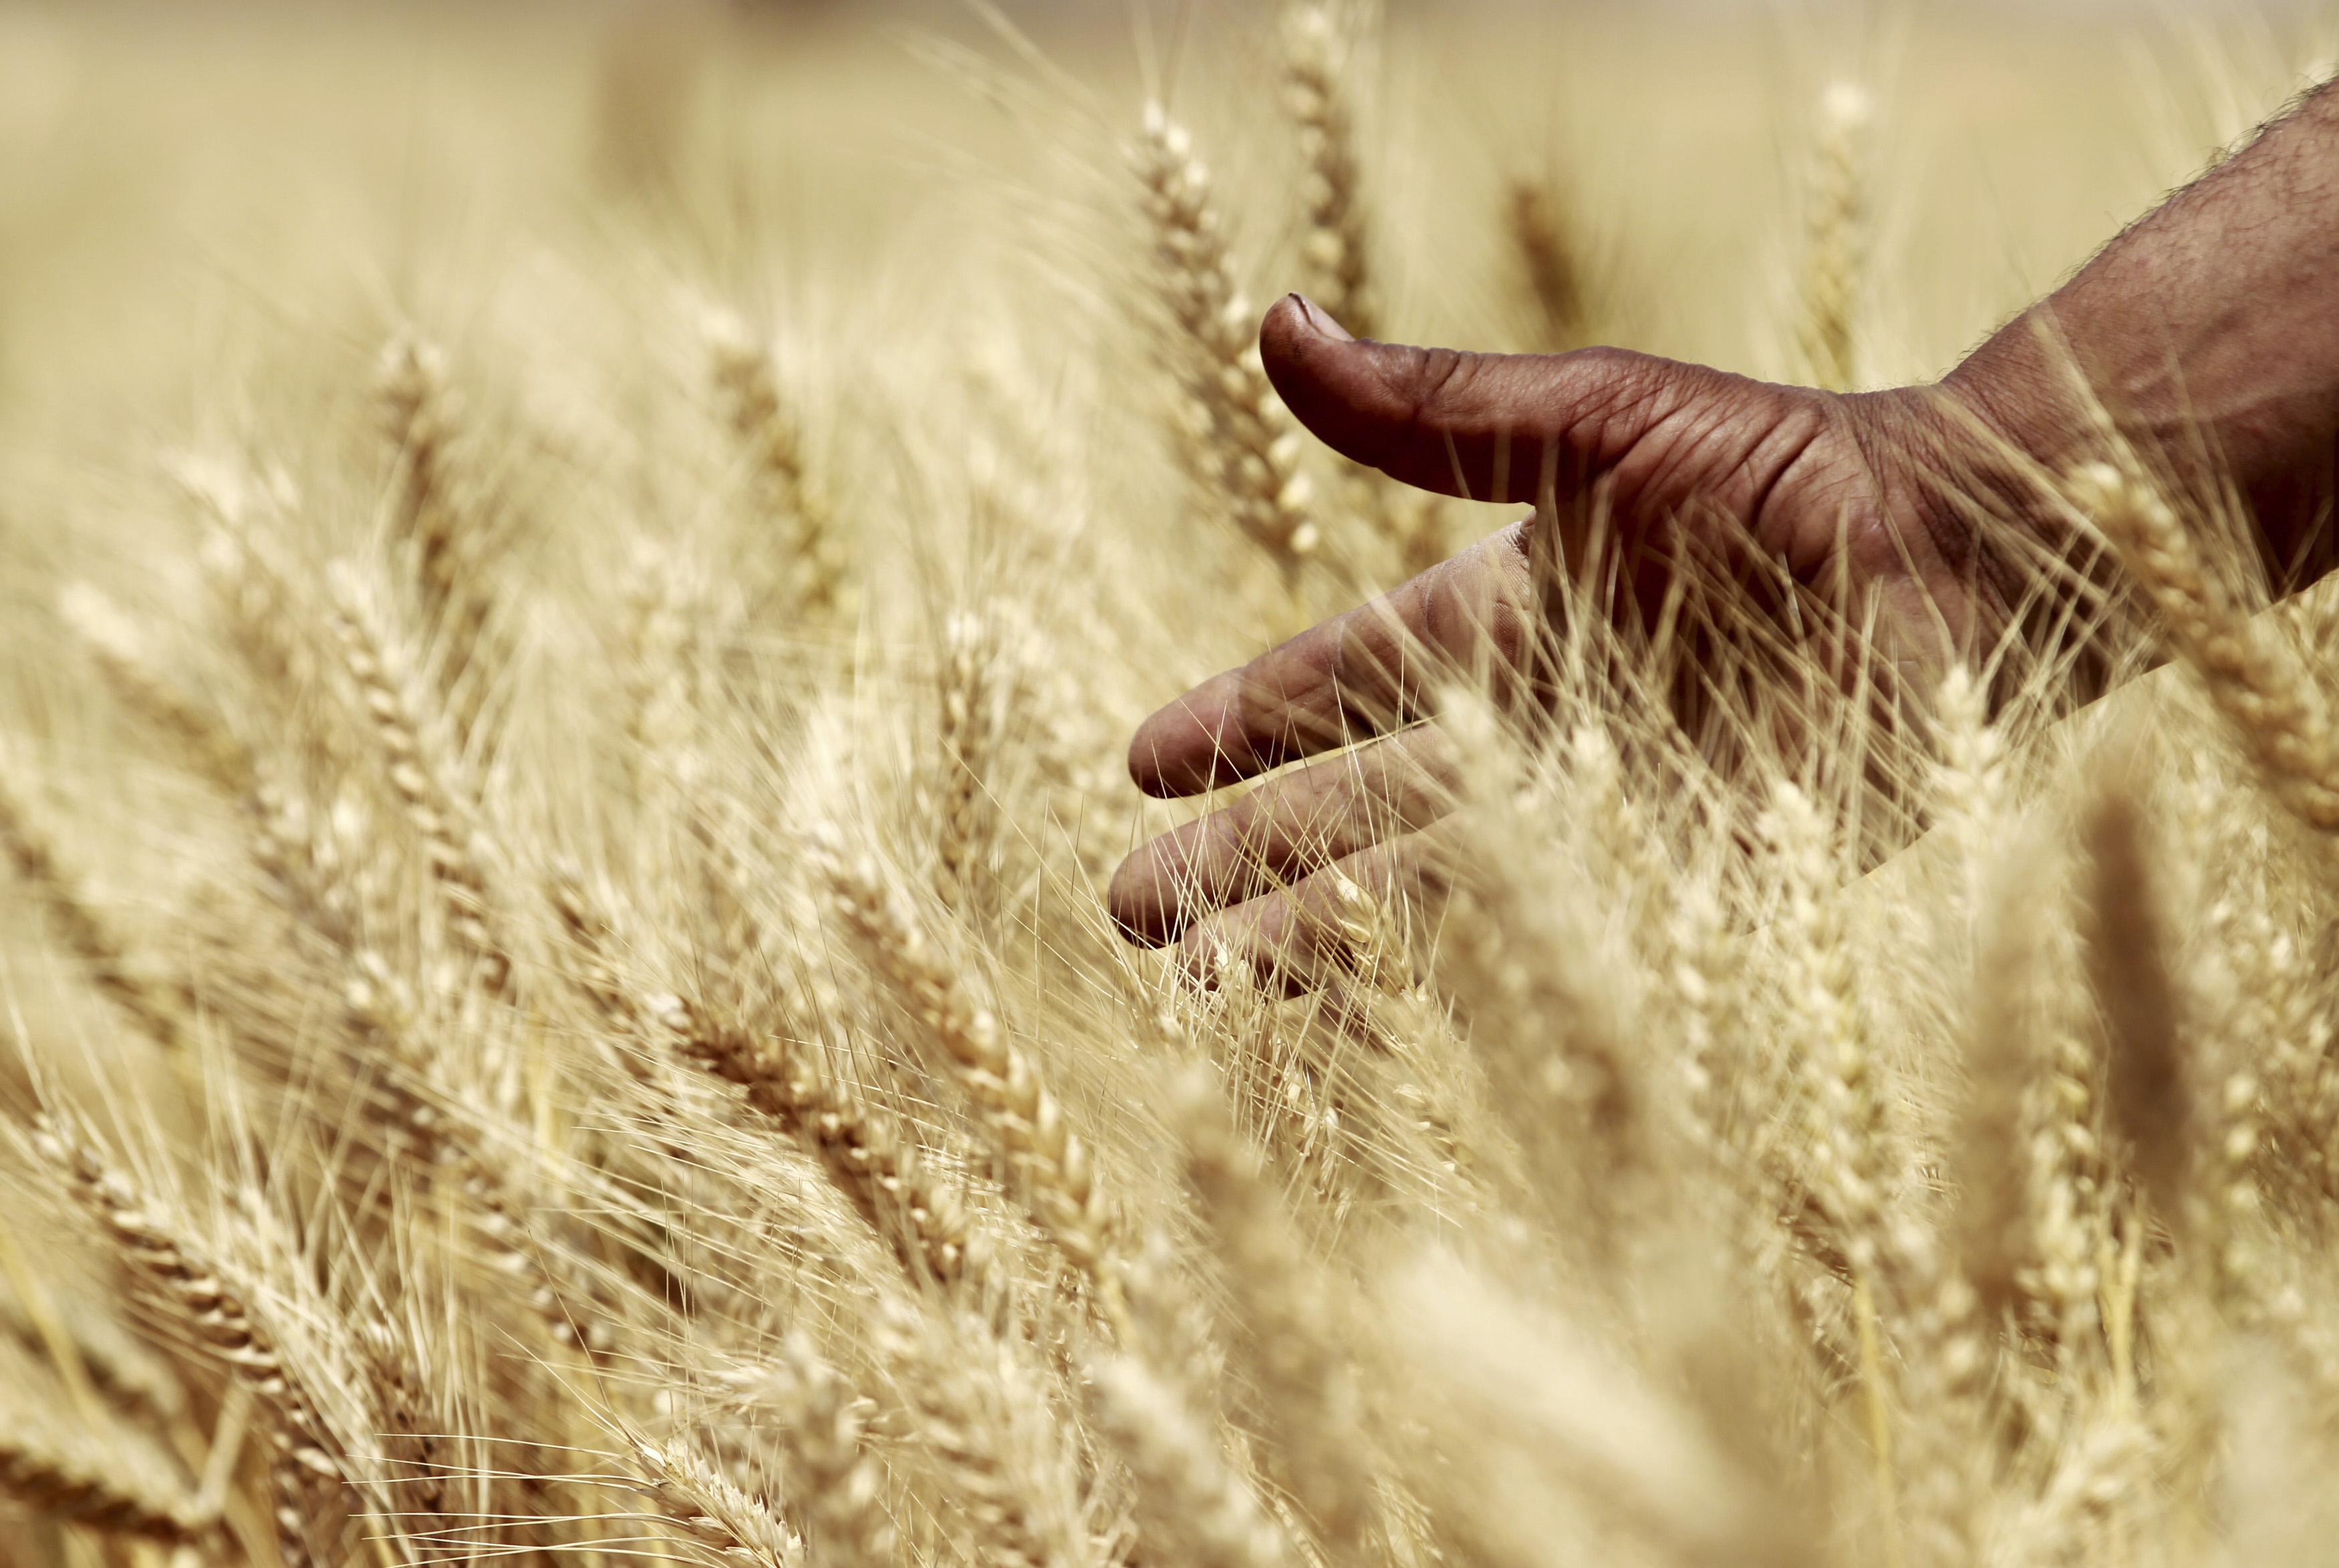 Wheat fields in Egypt.